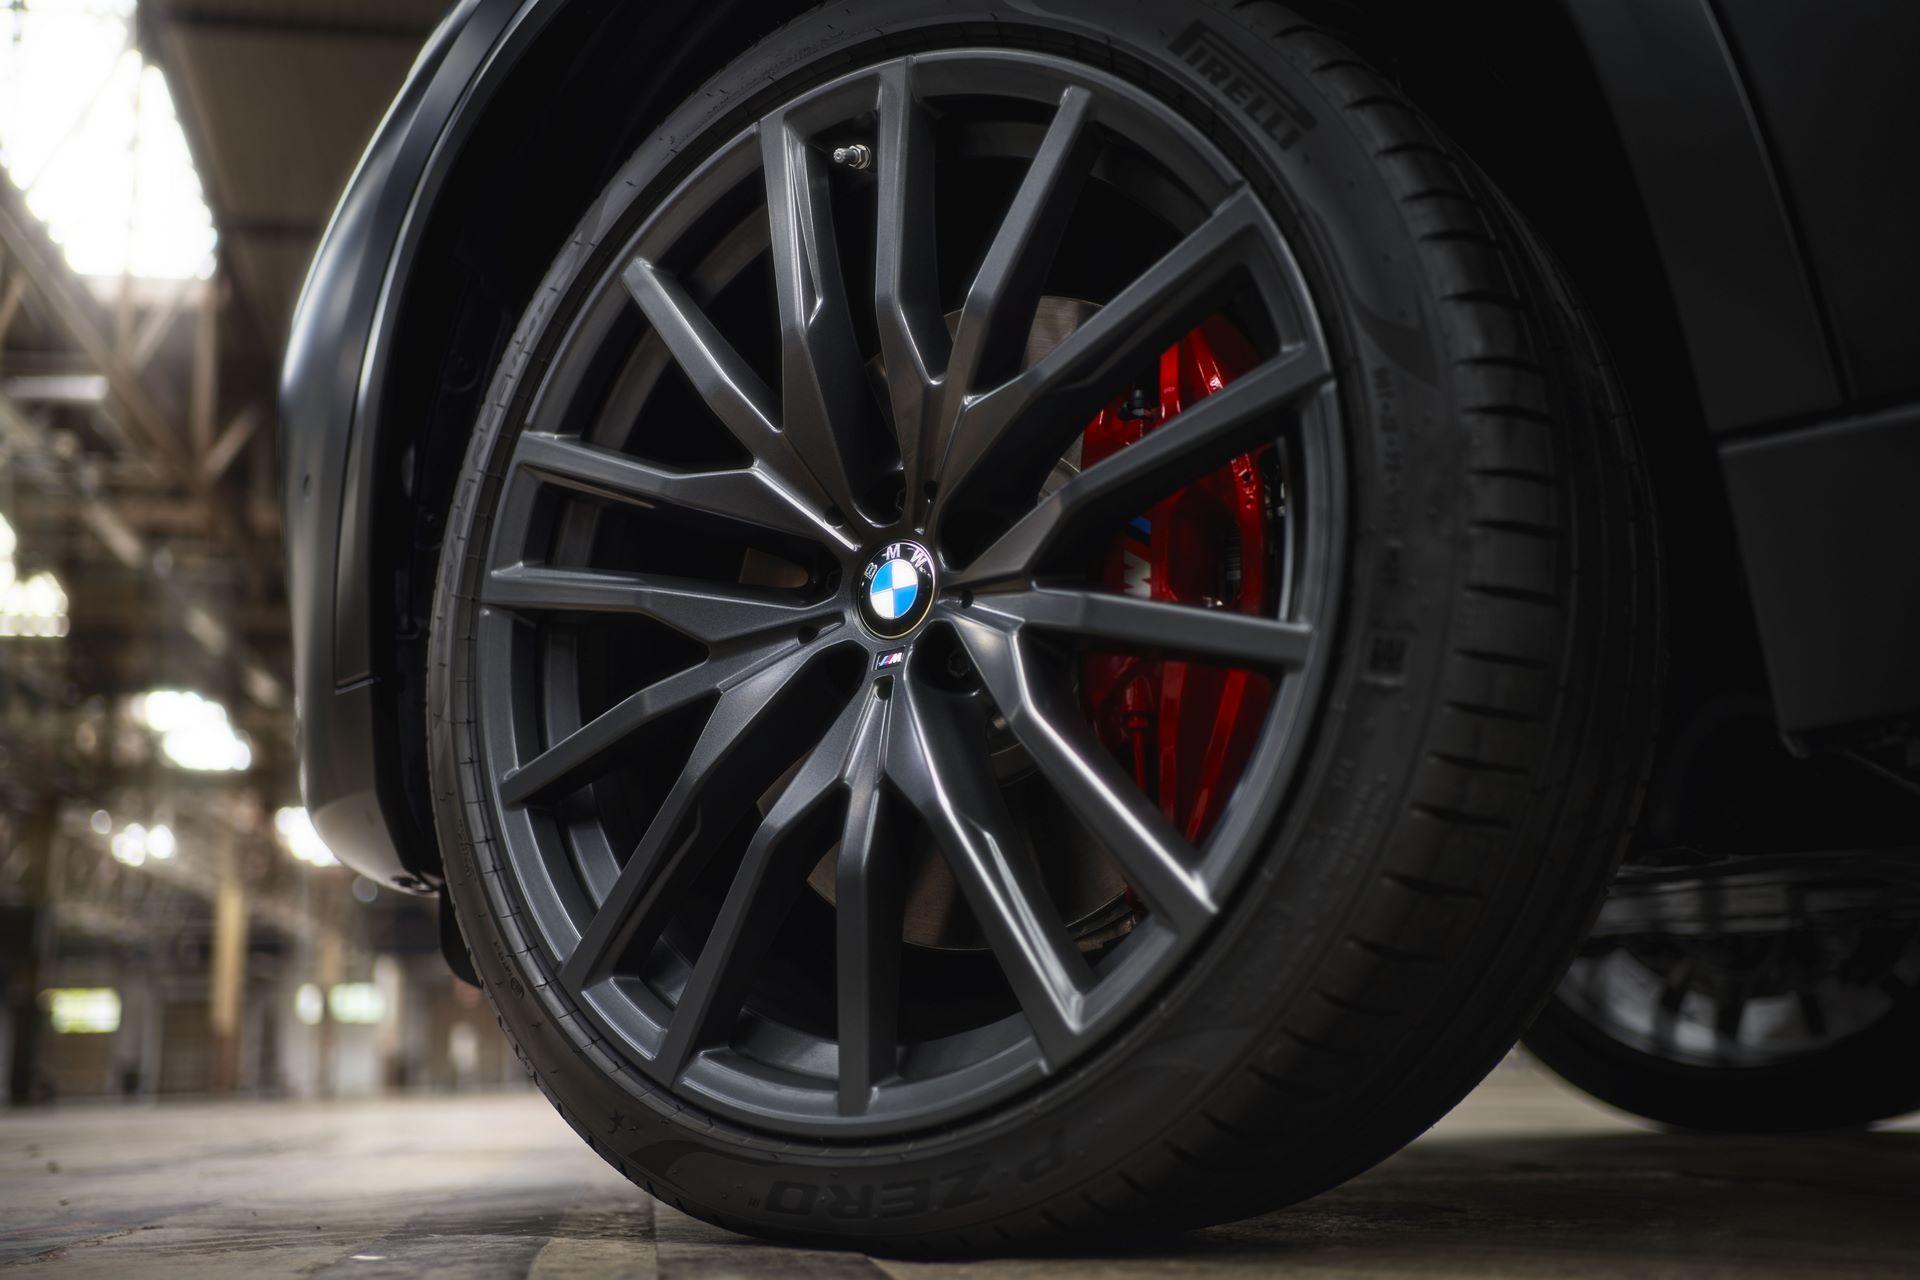 BMW-X5-Χ6-Black-Vermilion-X7-Limited-Edition-14